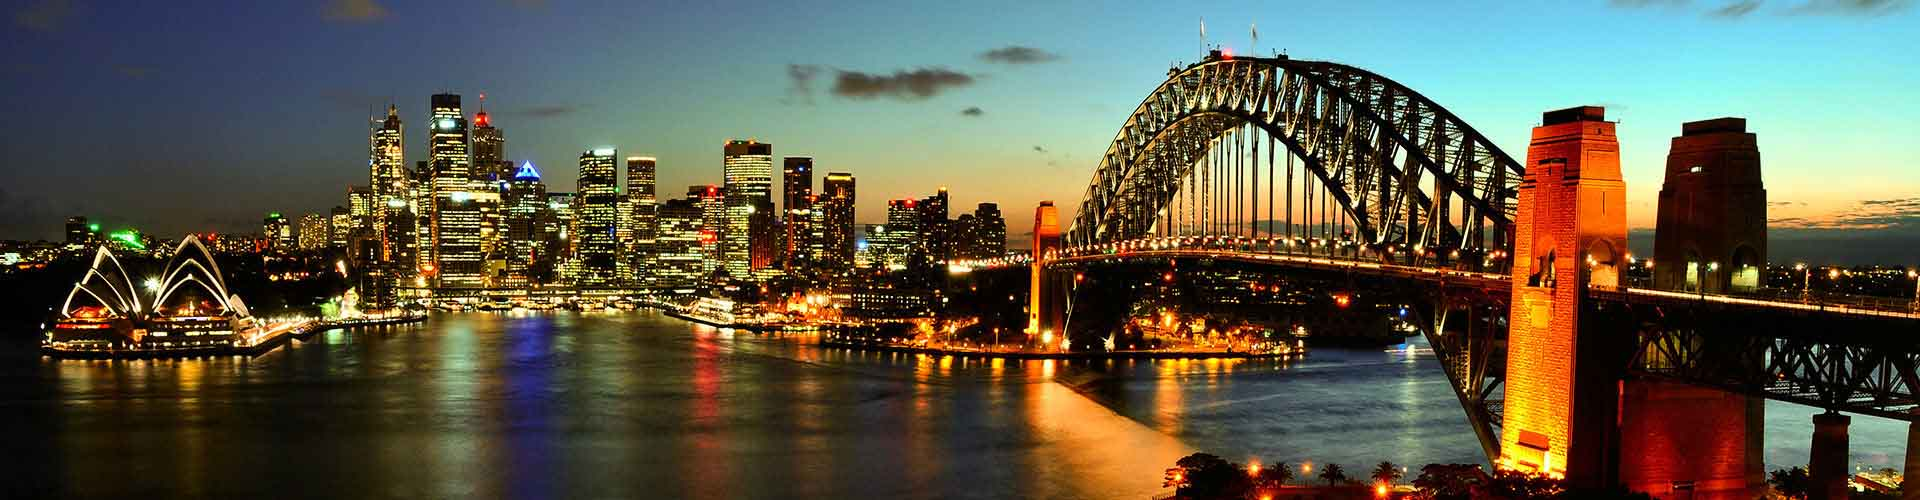 悉尼 – Forest Lodge区的青年旅馆。悉尼 地图,悉尼 每间青年旅馆的照片和评分。